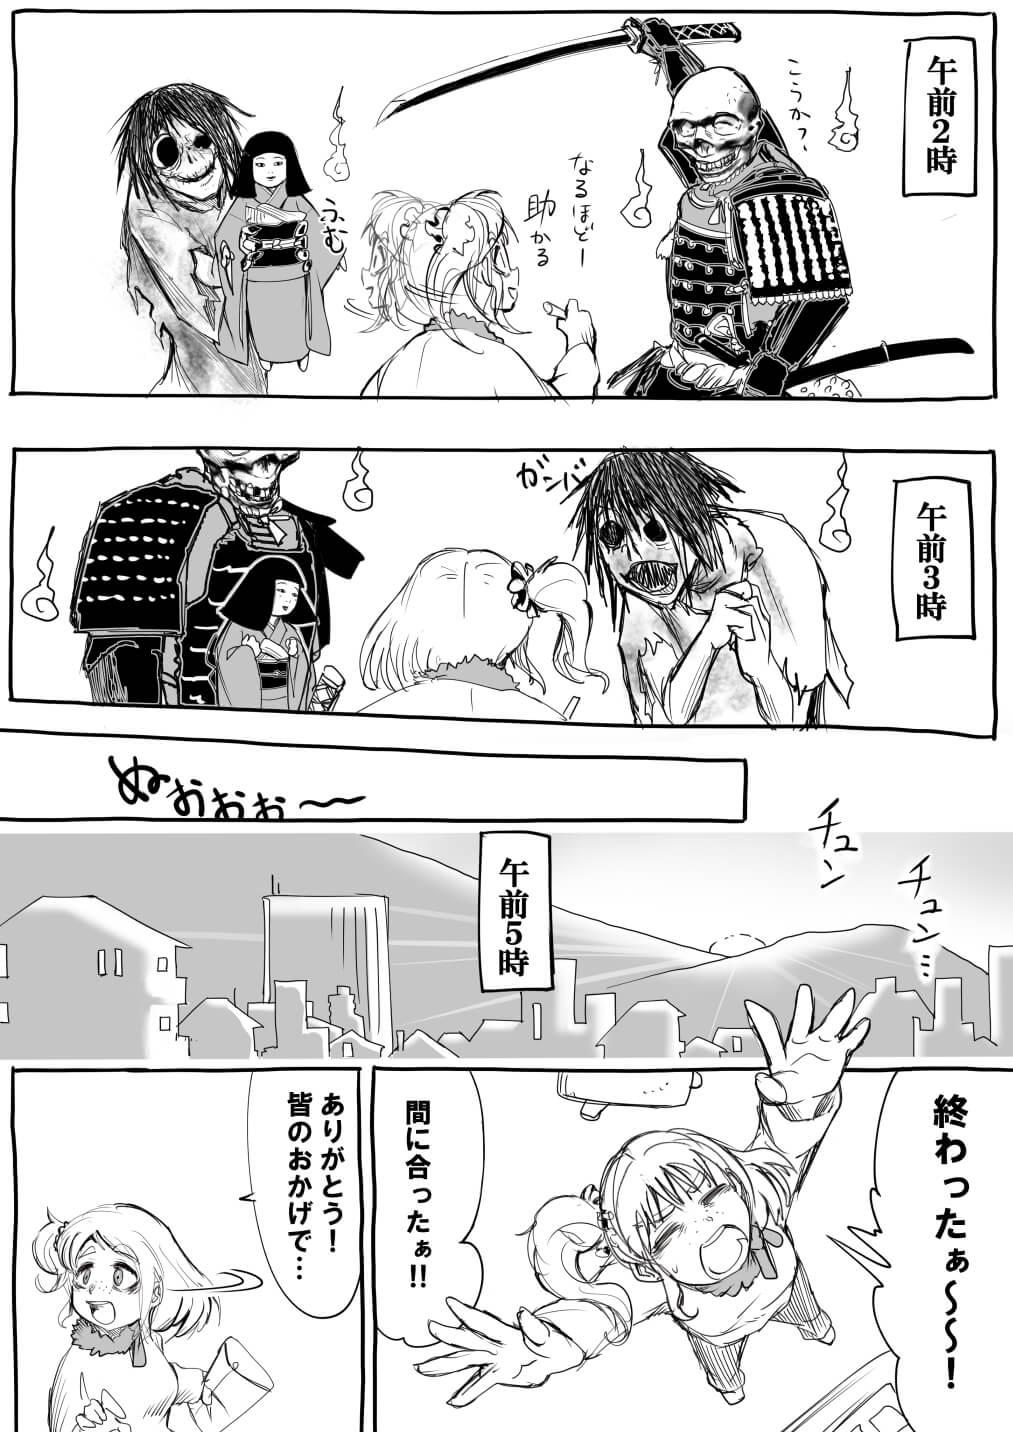 〆切り前夜の漫画家さん2-2